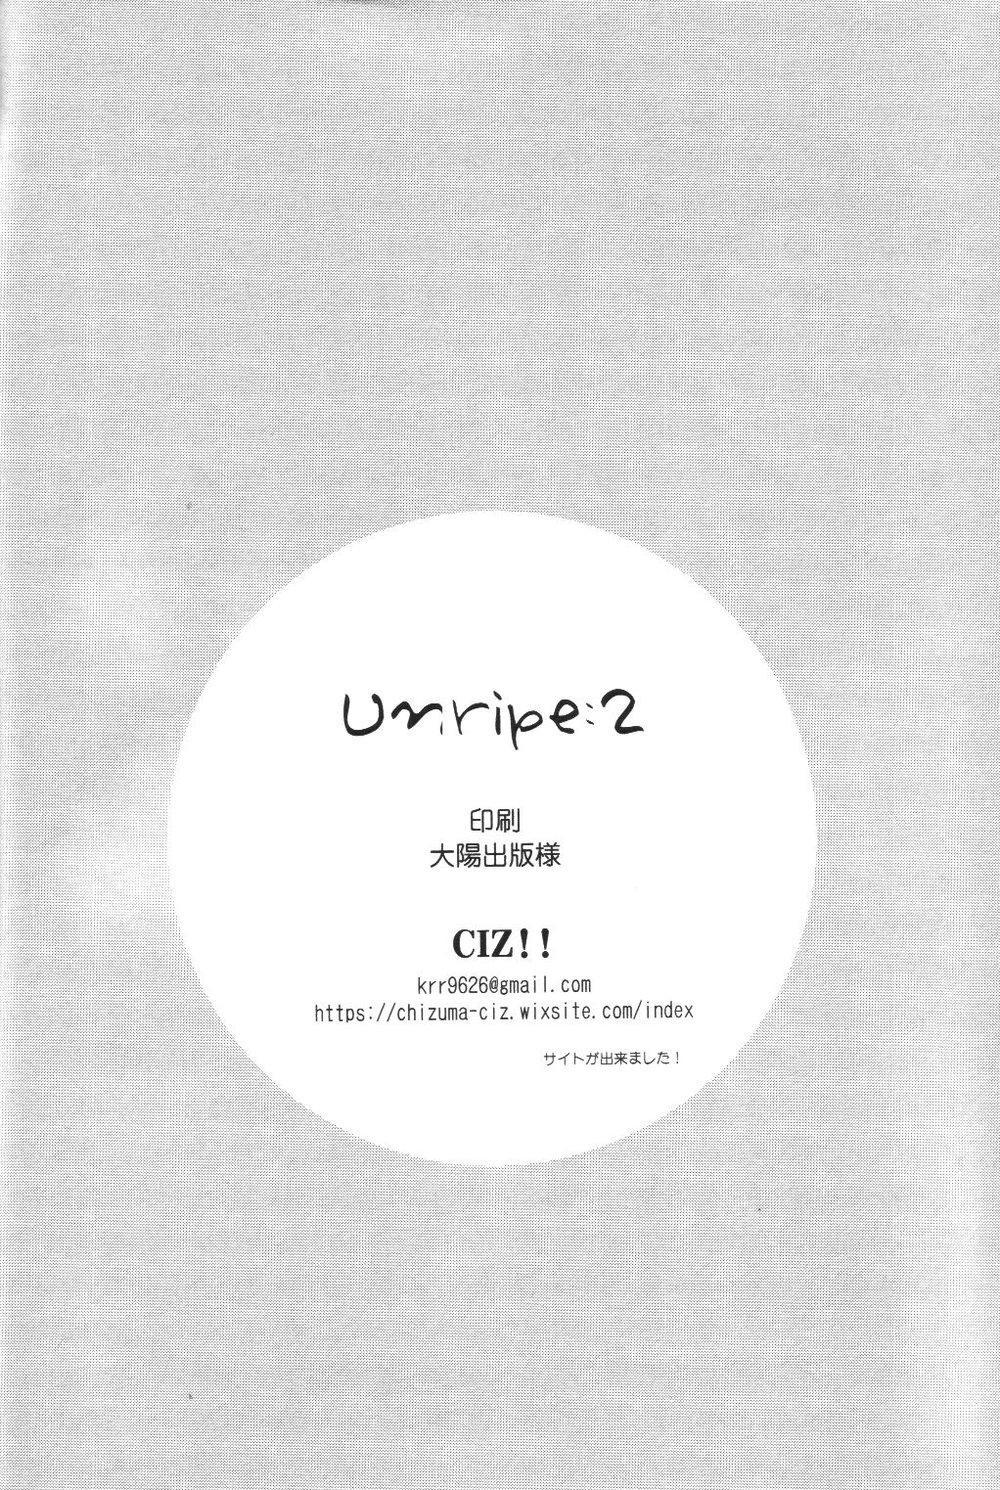 Unripe:2 21